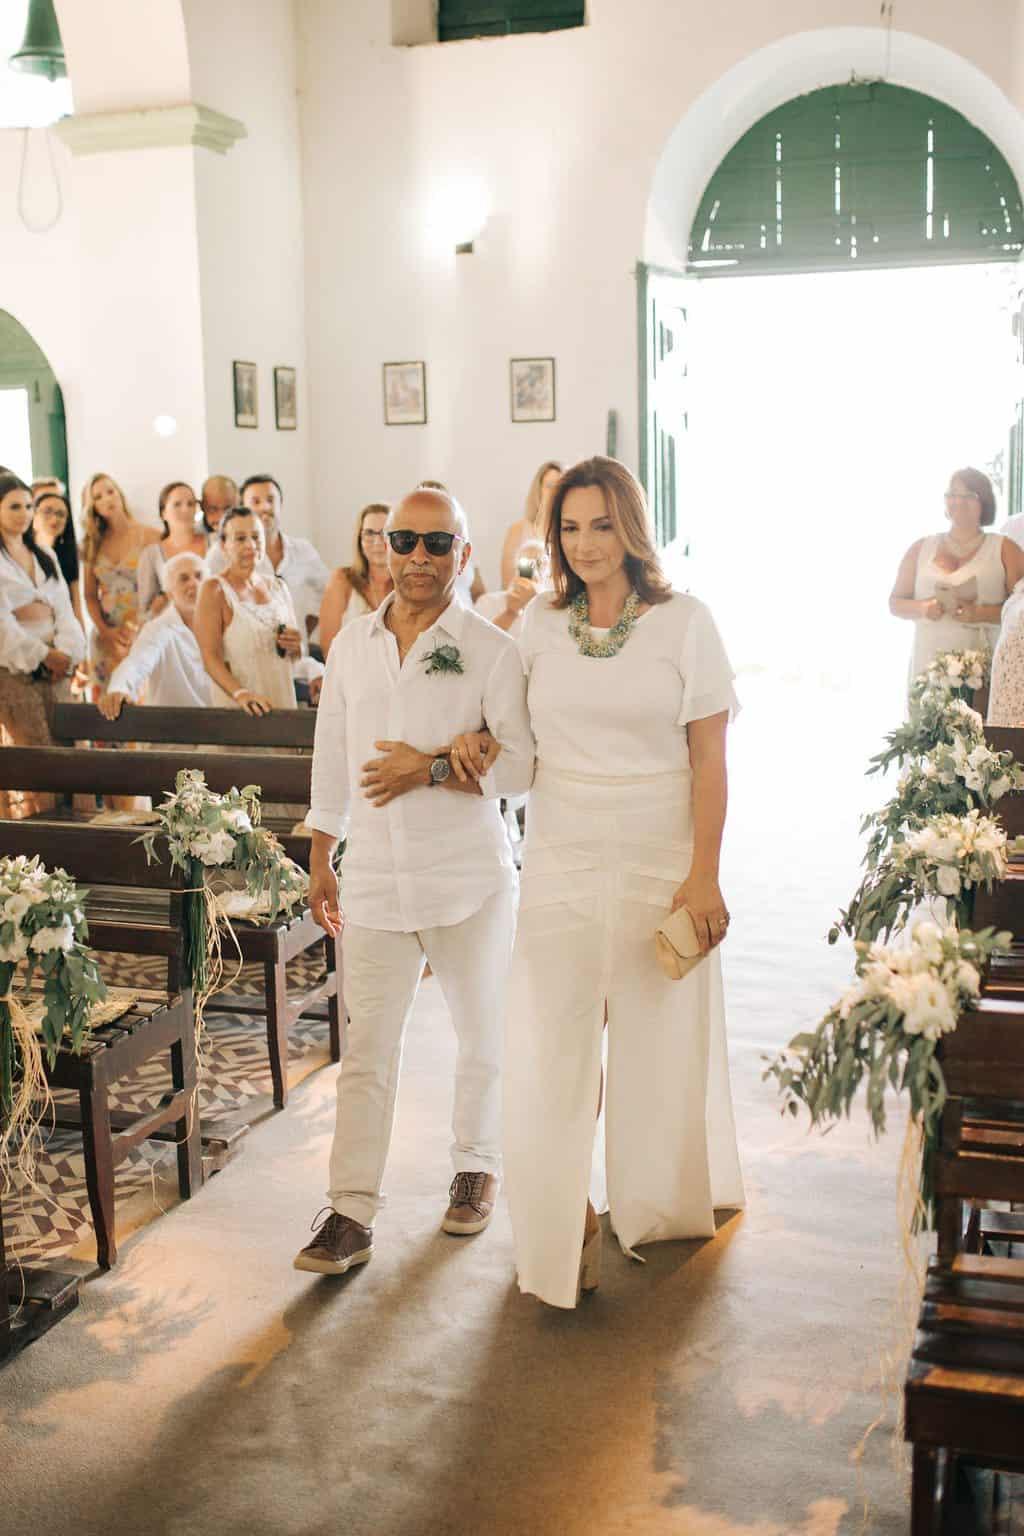 casamento-Danielle-e-Guilherme-aloha-fotografia-caseme-77